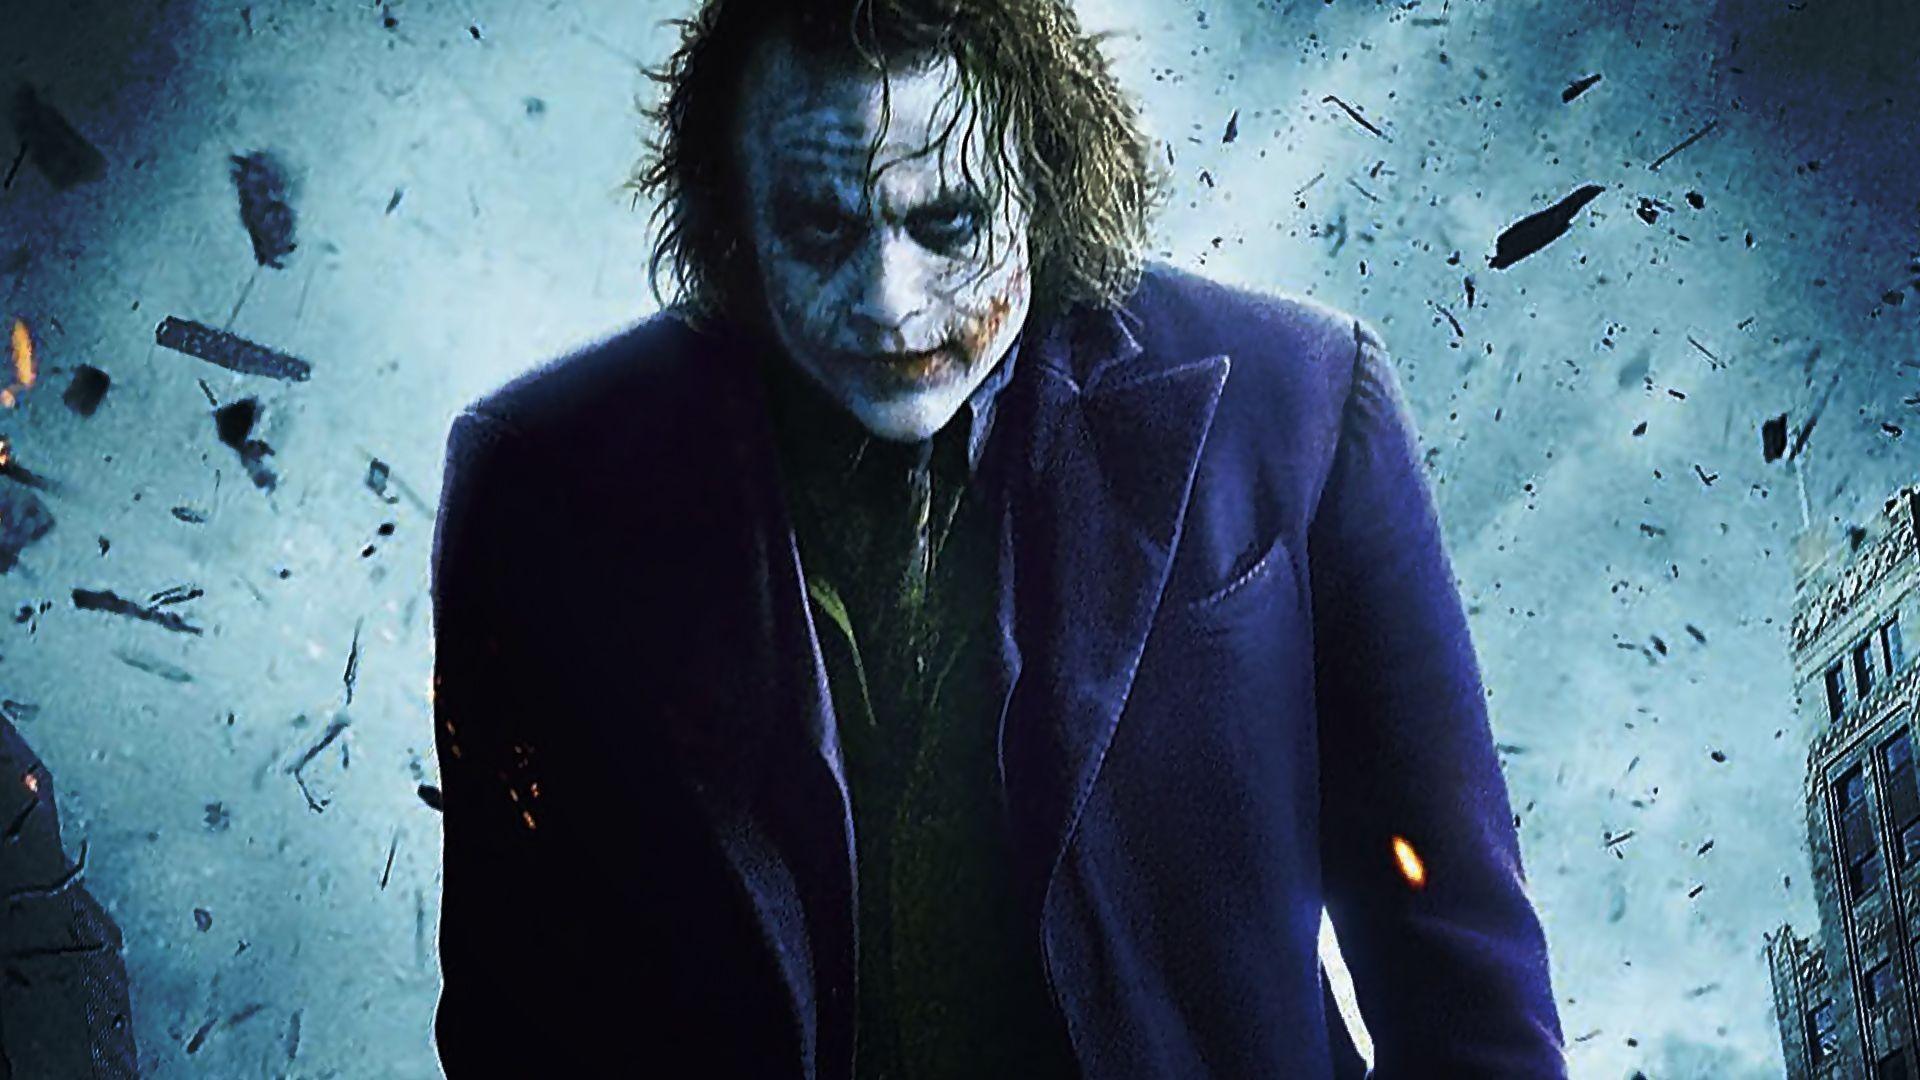 The Dark Knight Joker Wallpaper